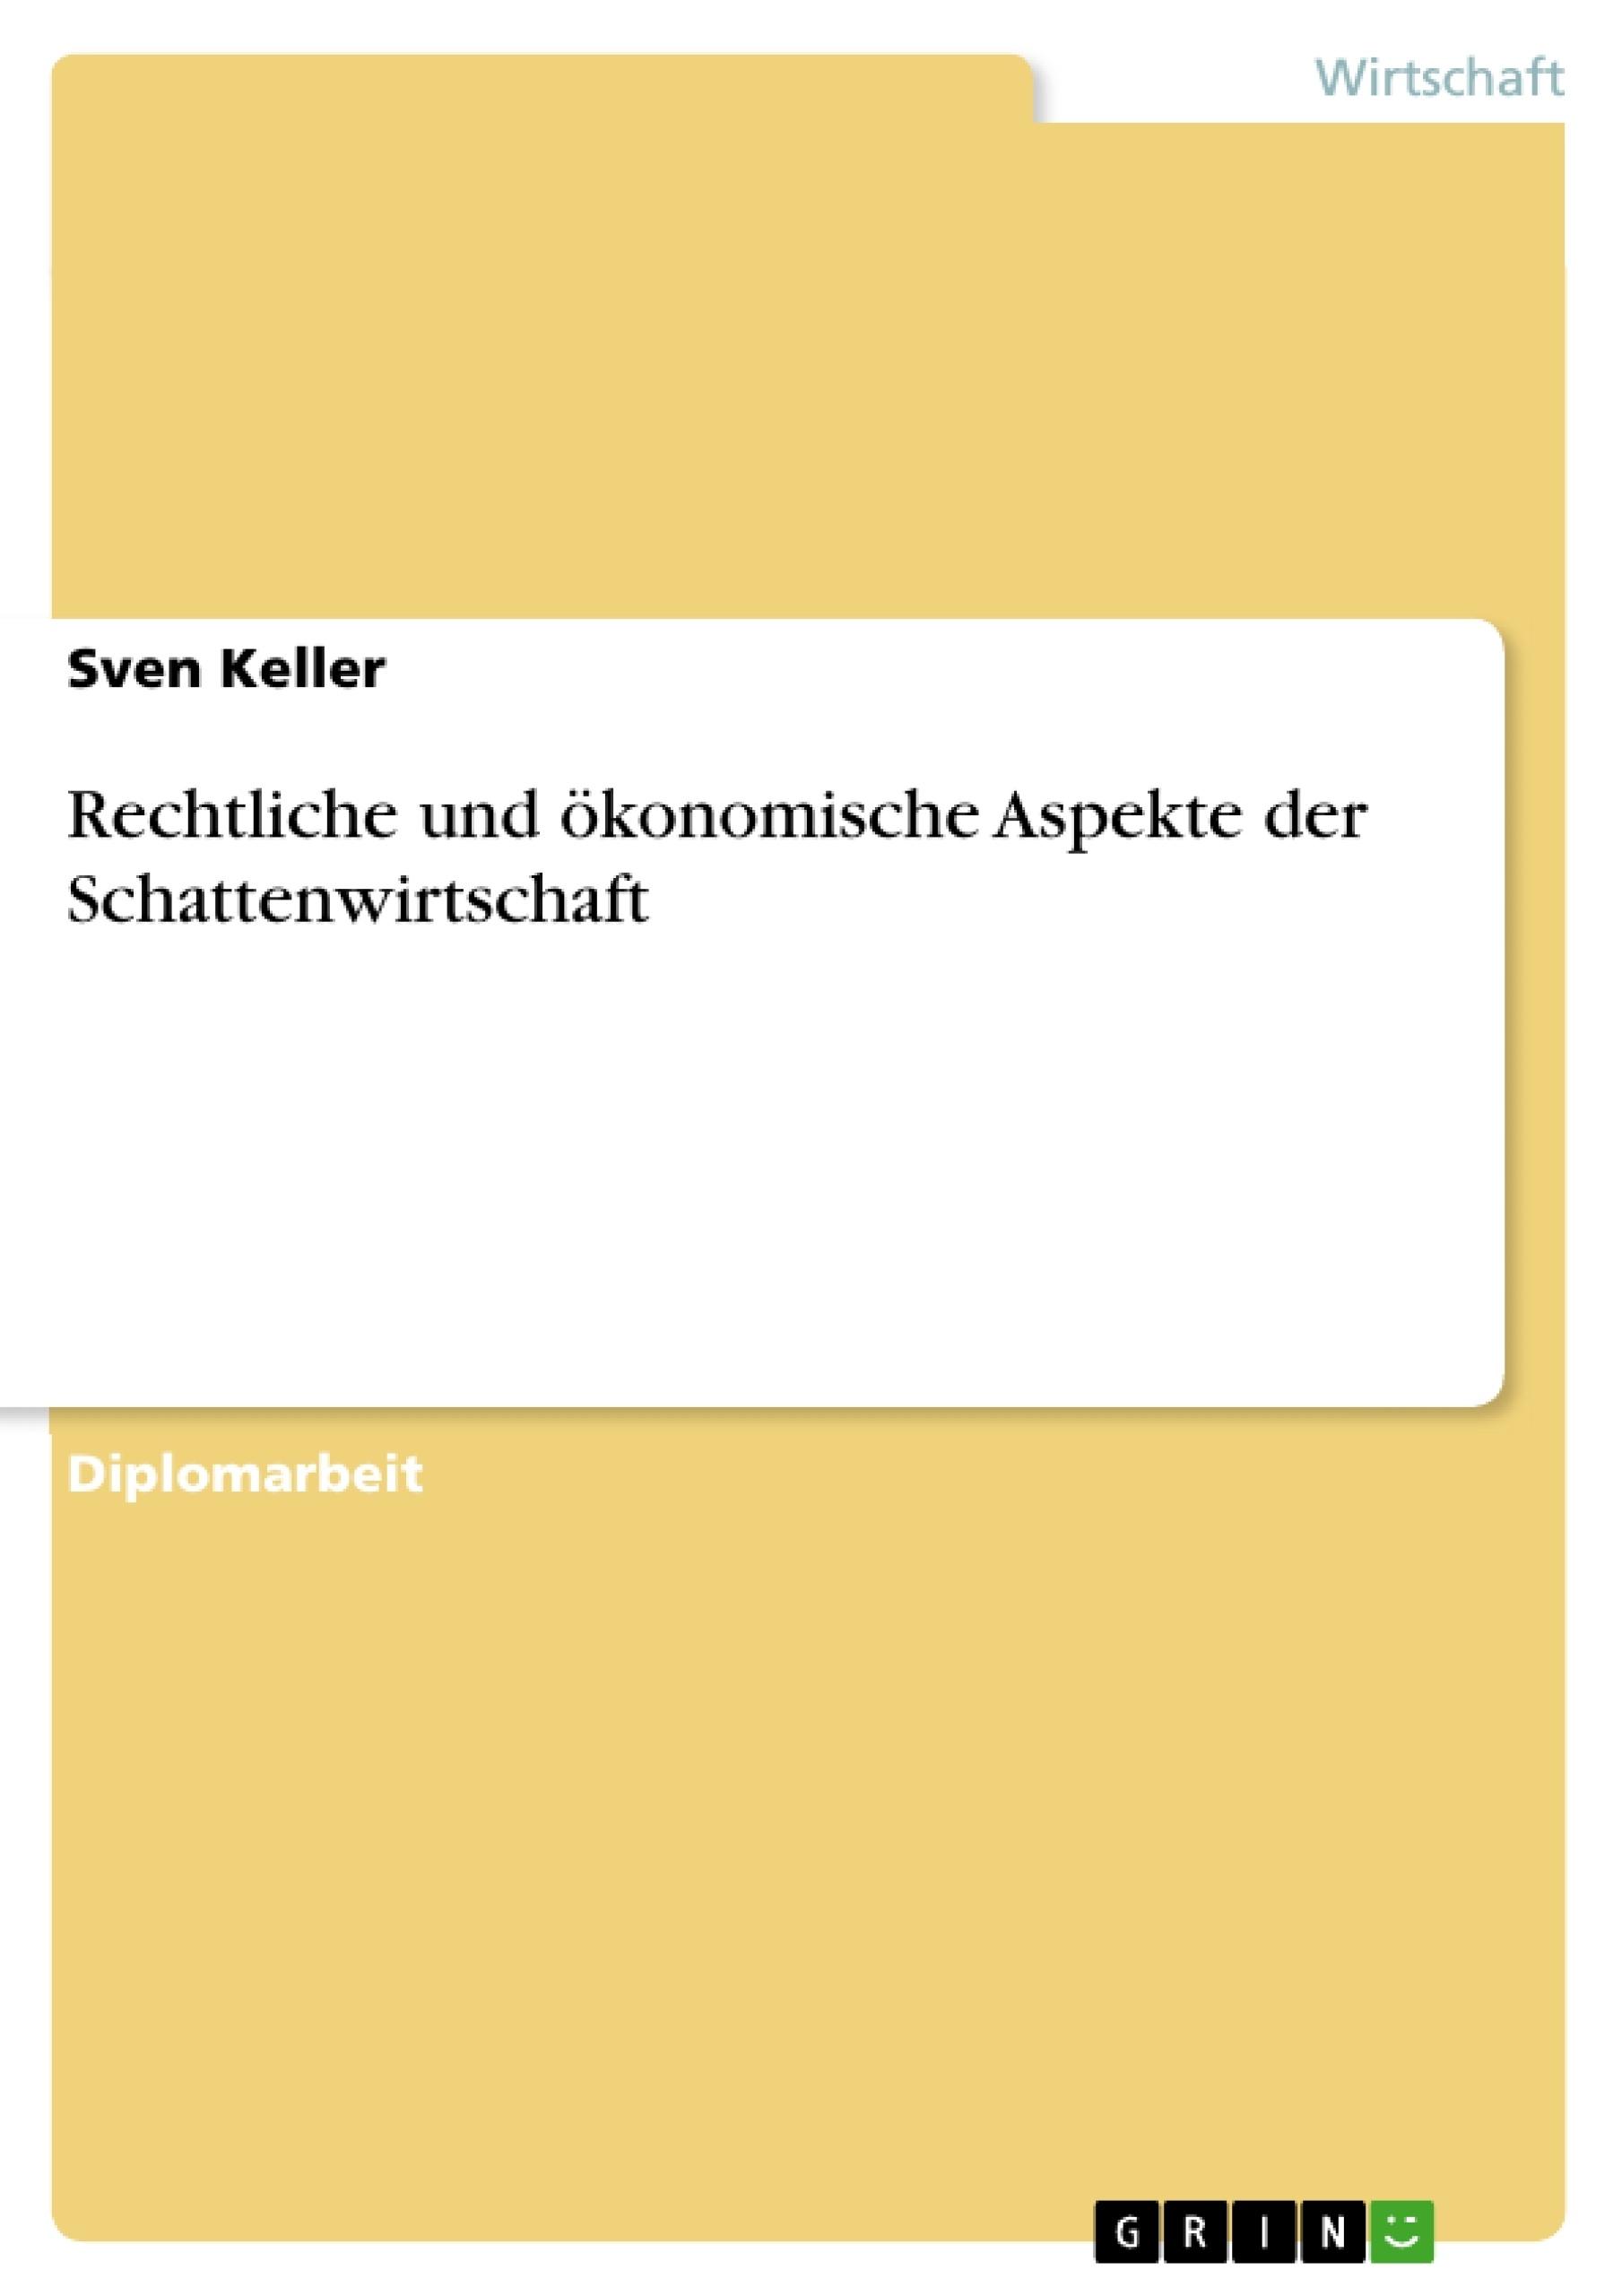 Titel: Rechtliche und ökonomische Aspekte der Schattenwirtschaft